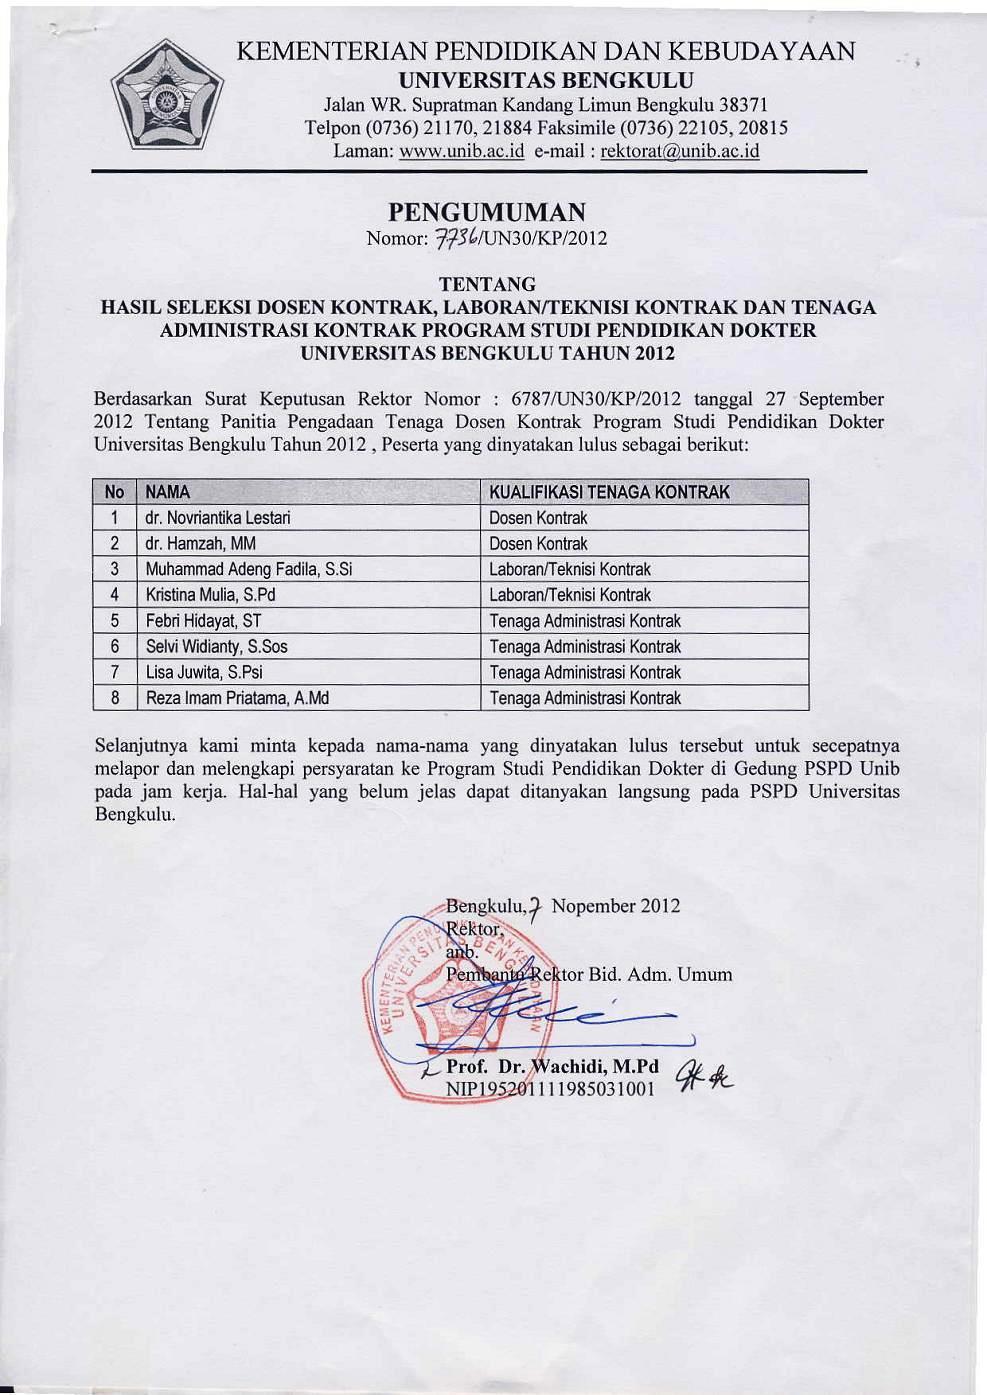 Pengumuman Hasil Seleksi Dosen Kontrak, Laboran/Teknisi dan Tenaga Administrasi Kontrak Program Studi Pendidikan Dokter Universitas Bengkulu Tahun 201